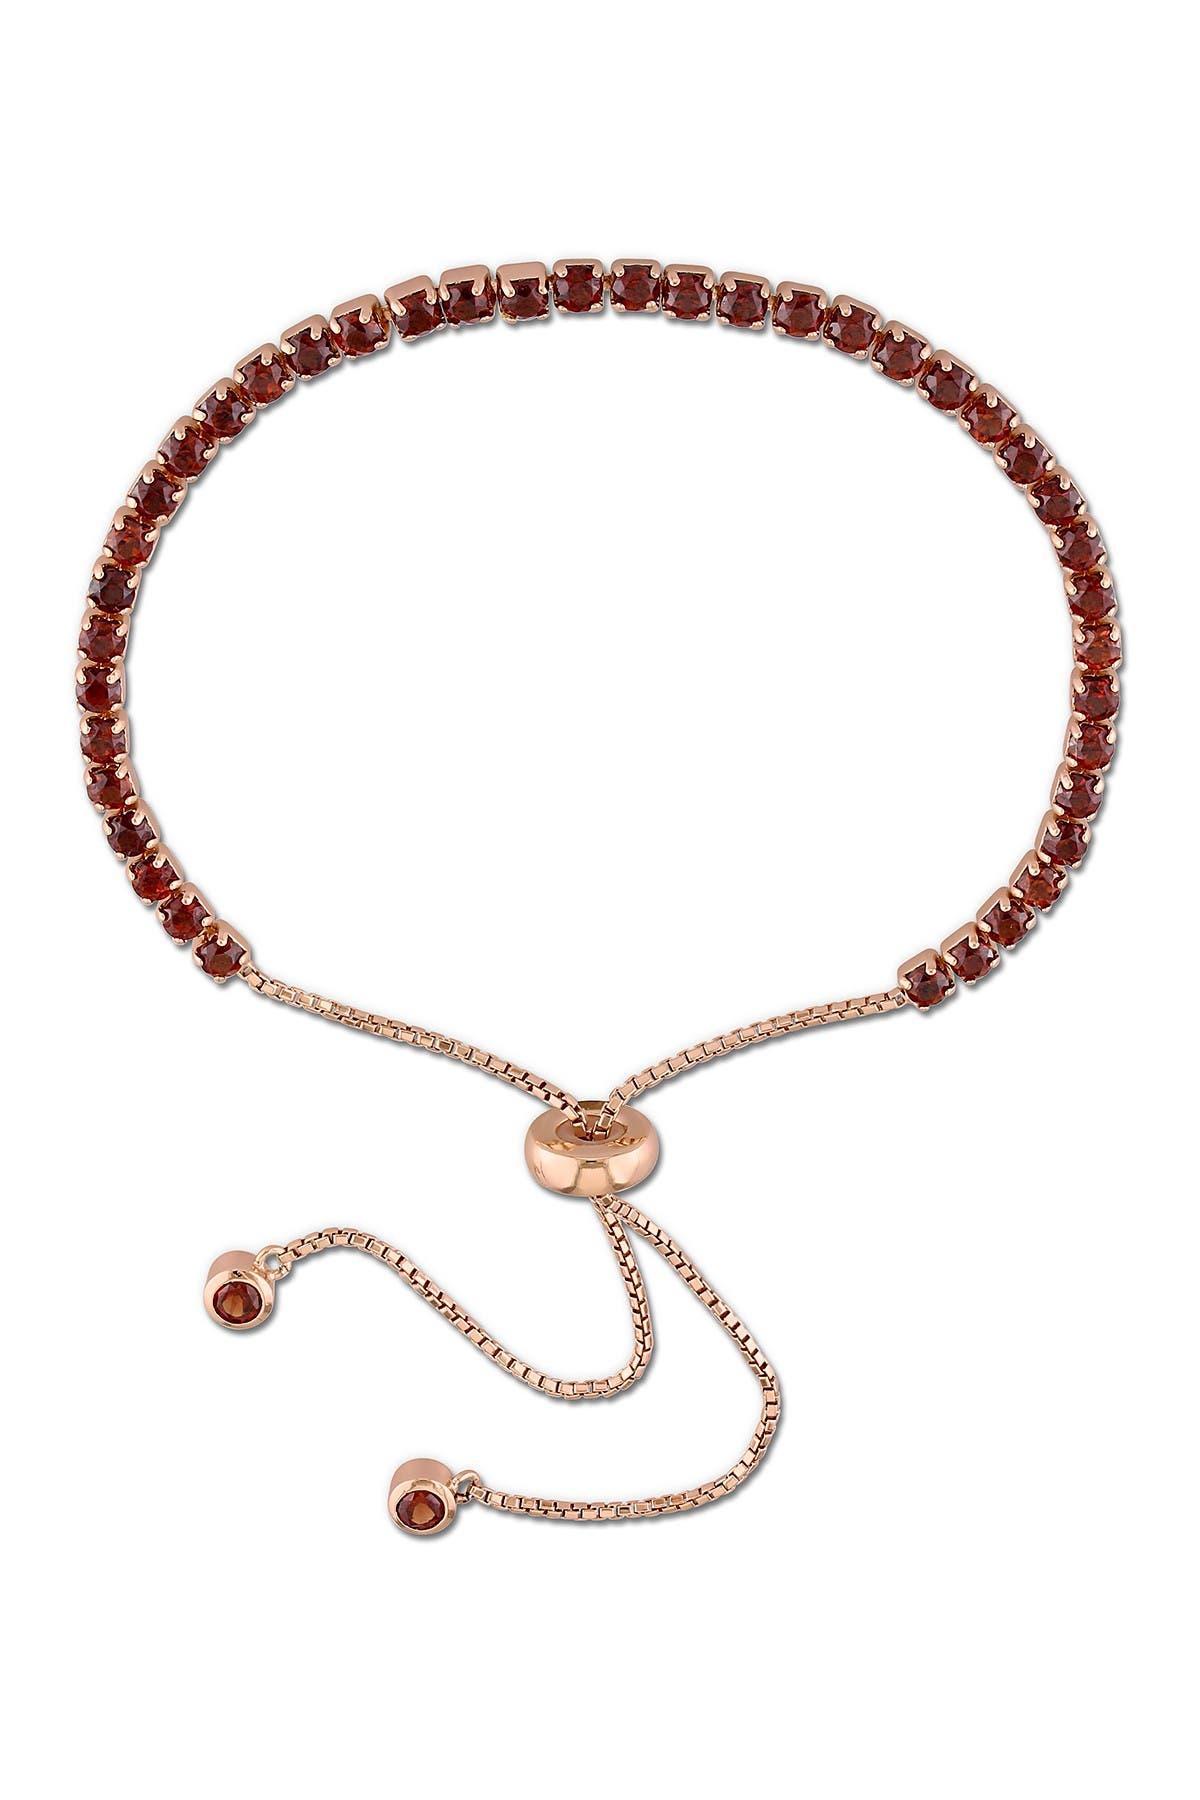 Image of Delmar Pink Plated Sterling Silver Garnet Adjustable Tassel Bracelet